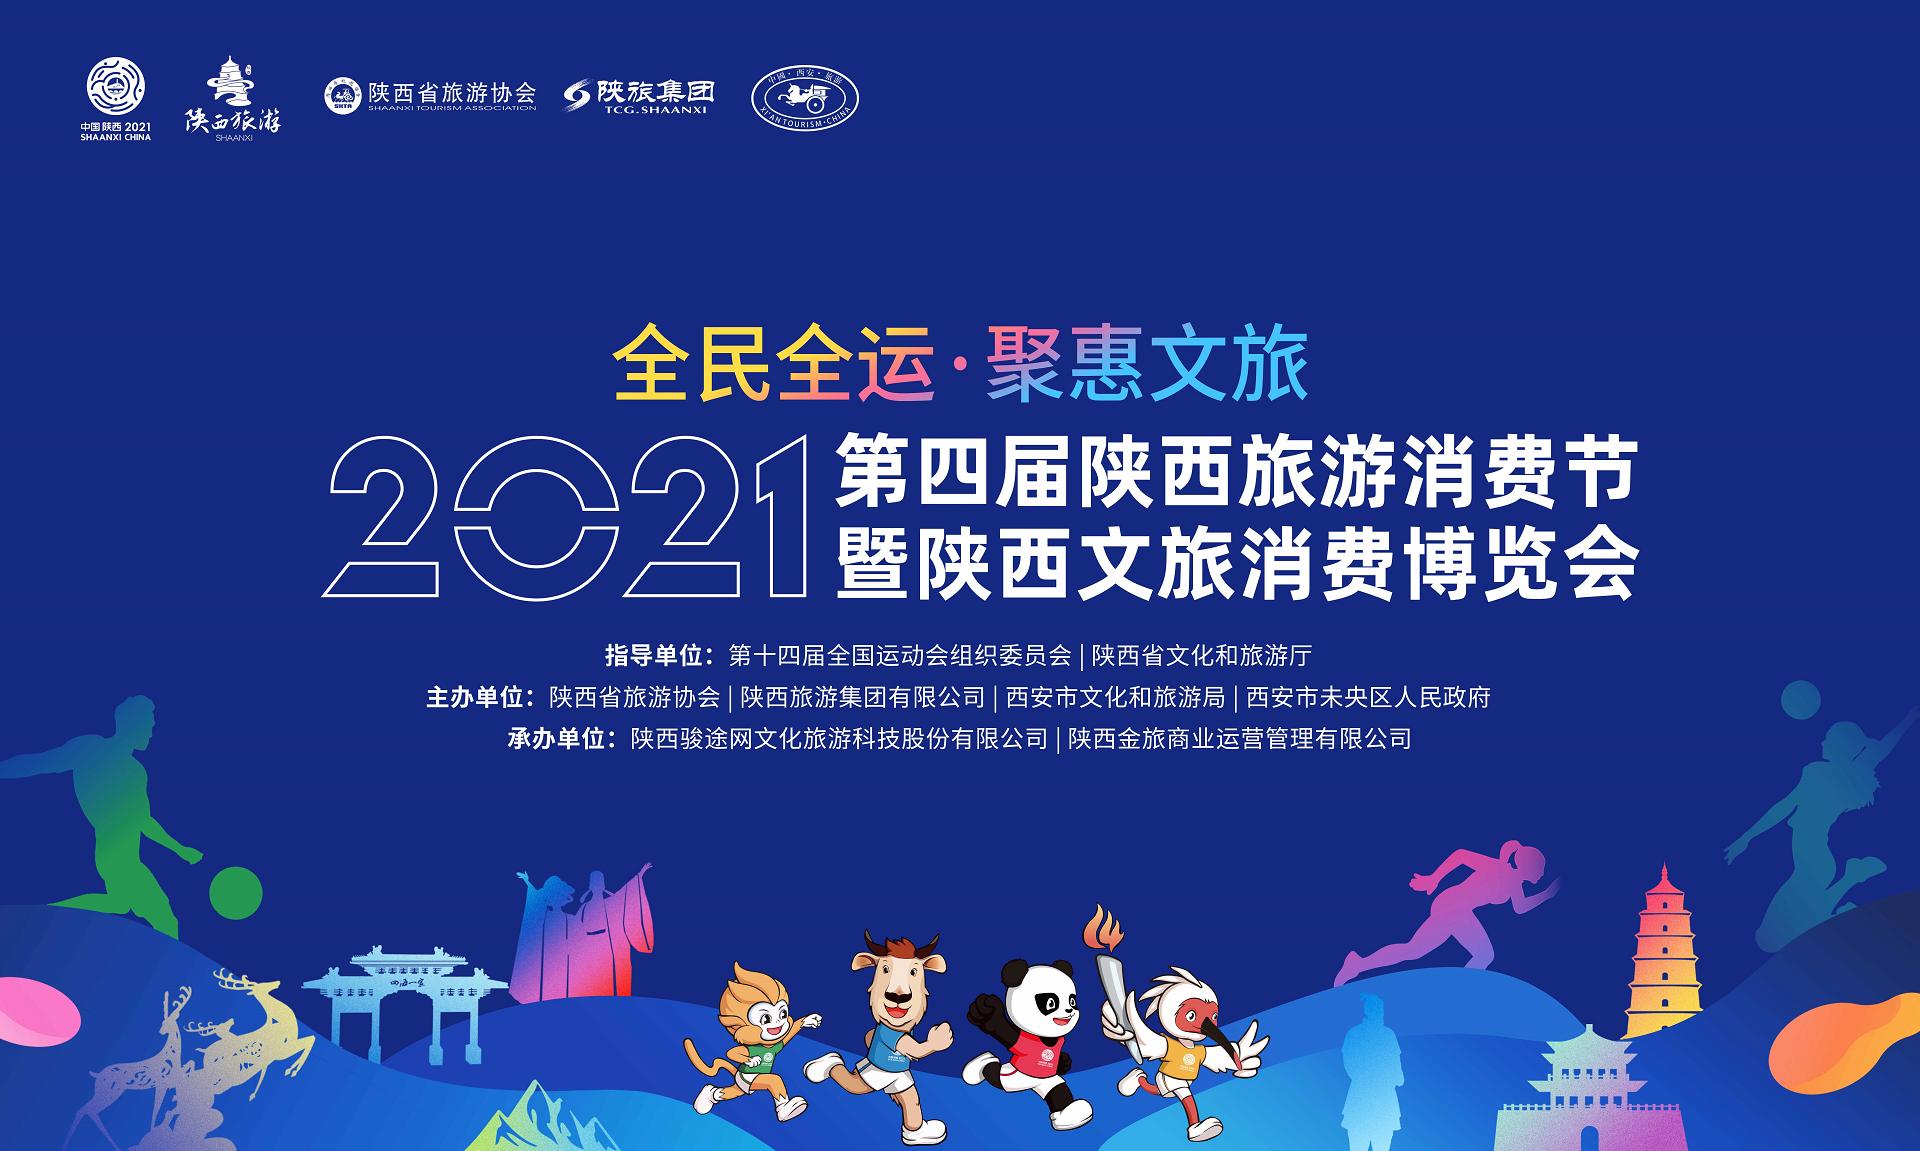 2021第四屆陜西旅游消費節暨陜西文旅消費博覽會